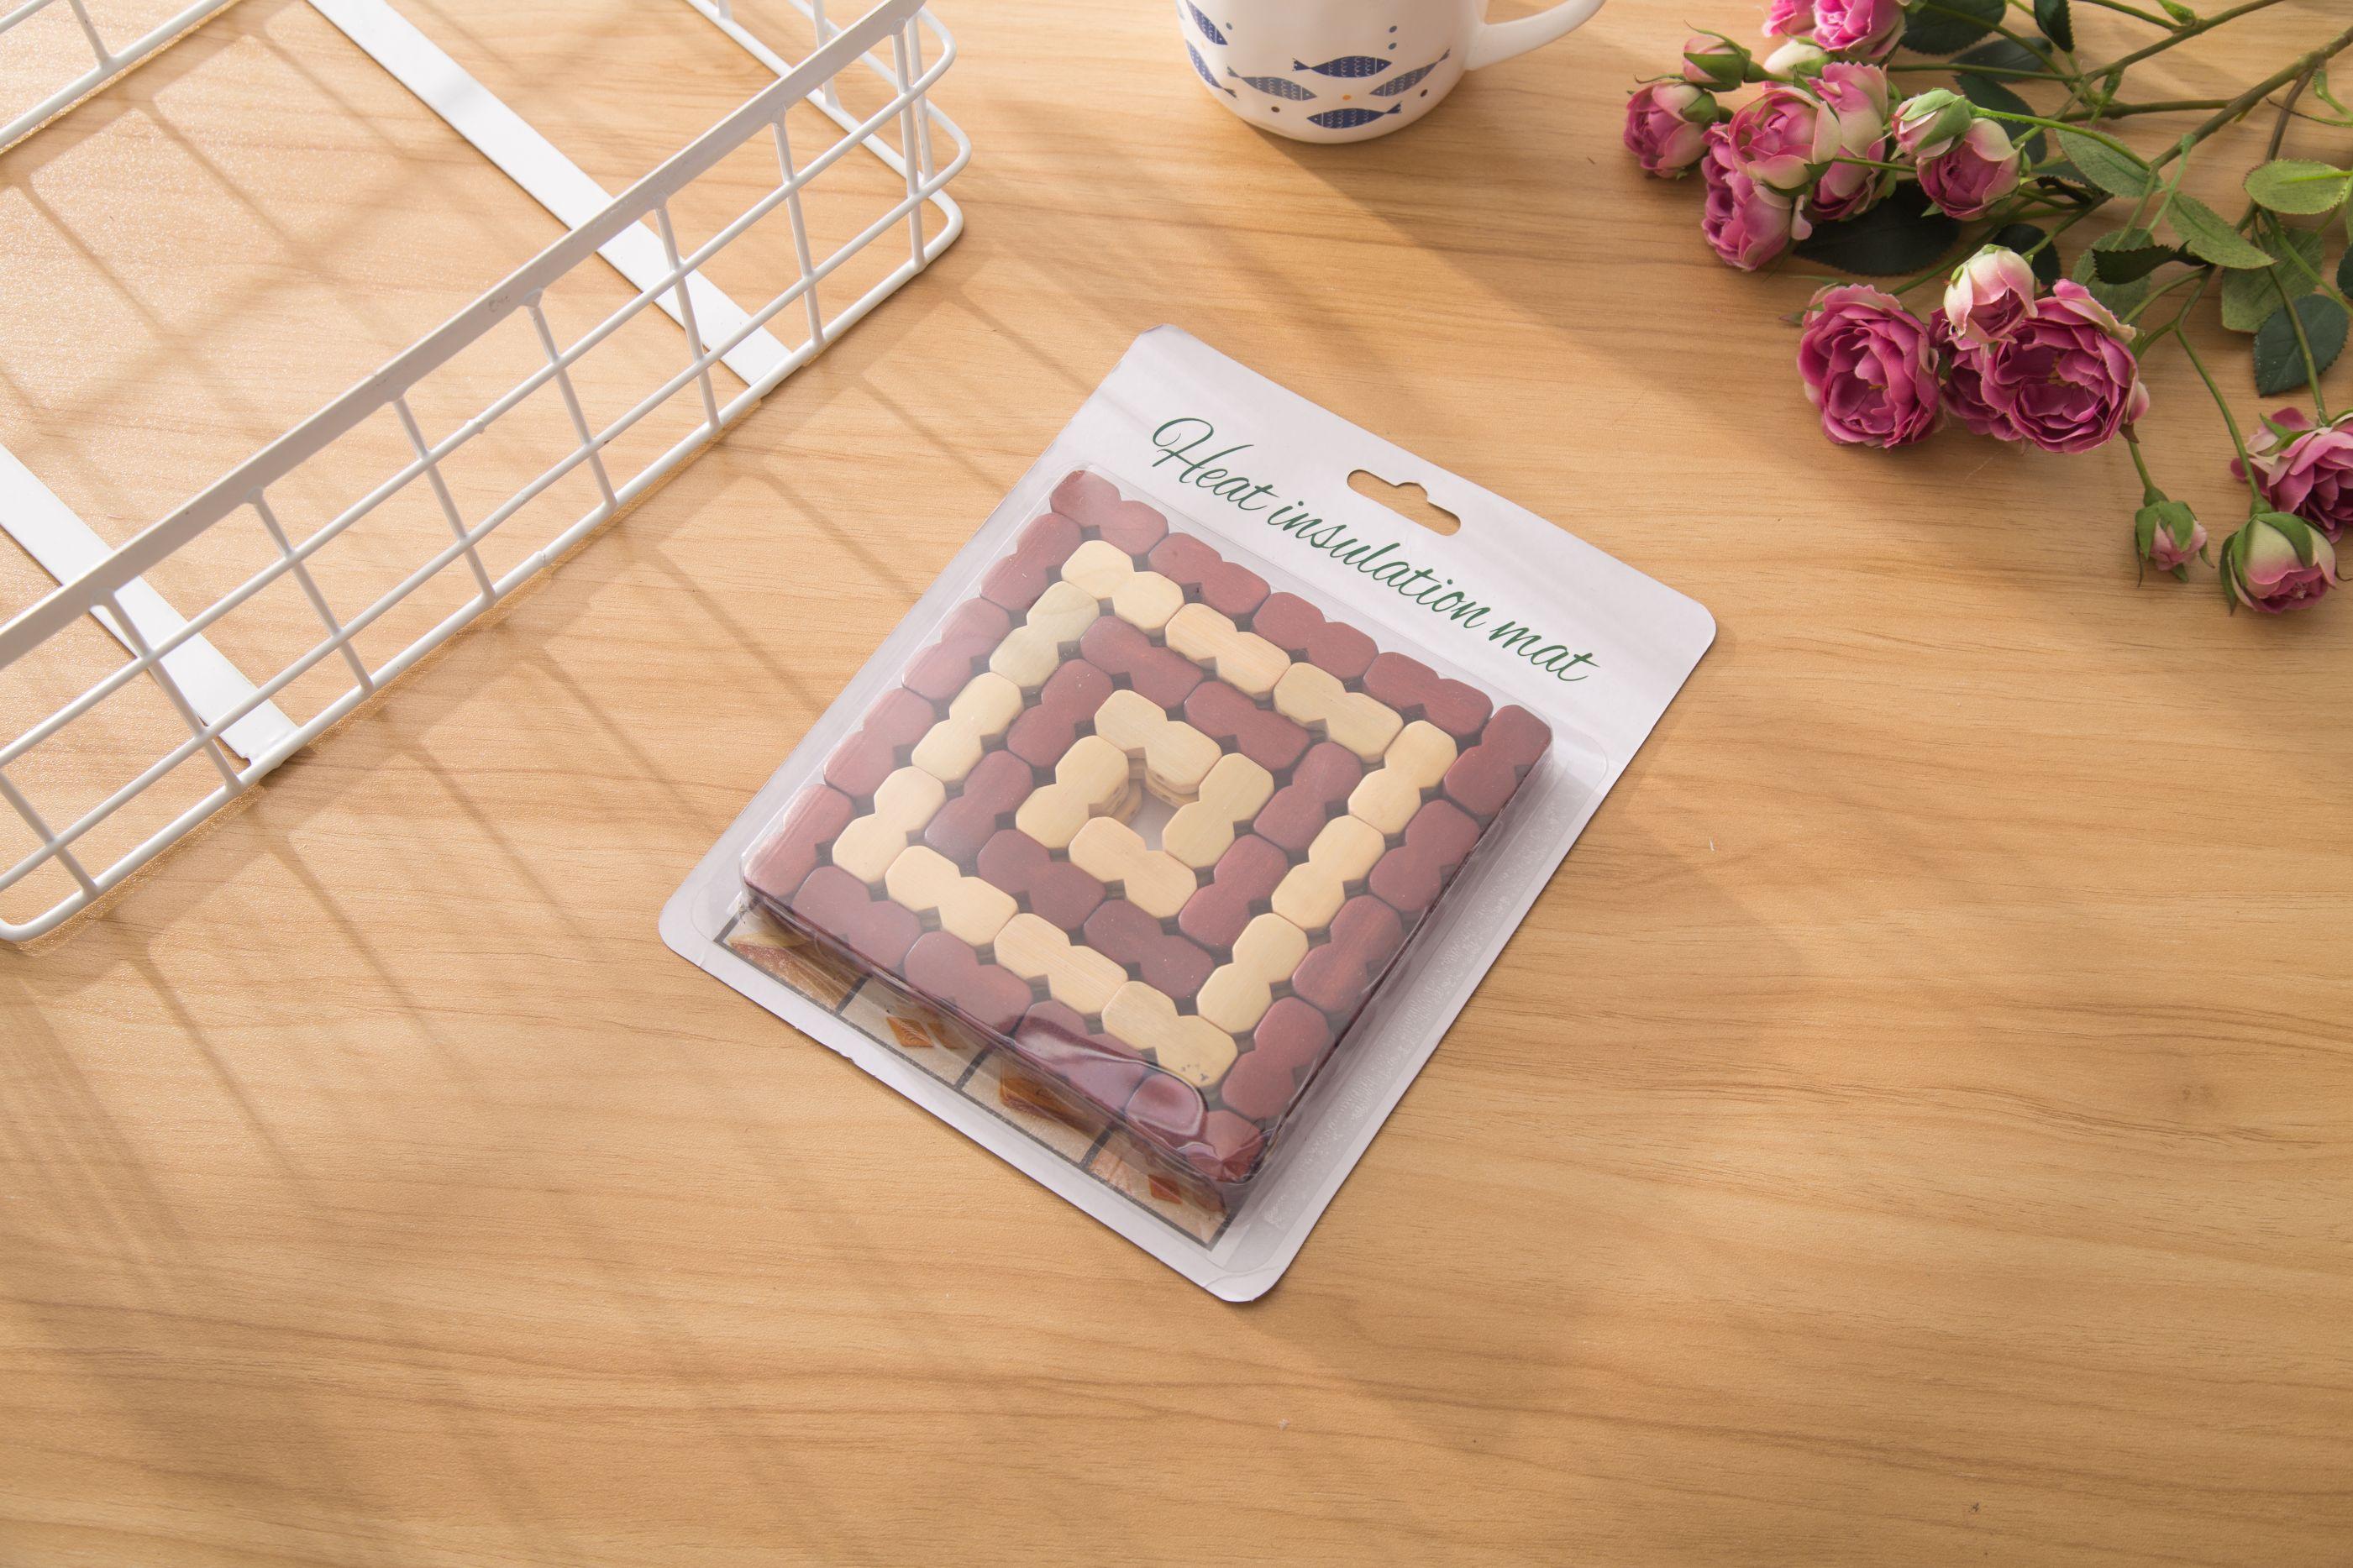 厂家直销方形可定制竹子餐垫批发竹粒垫颗粒垫锅垫咖啡垫杯垫